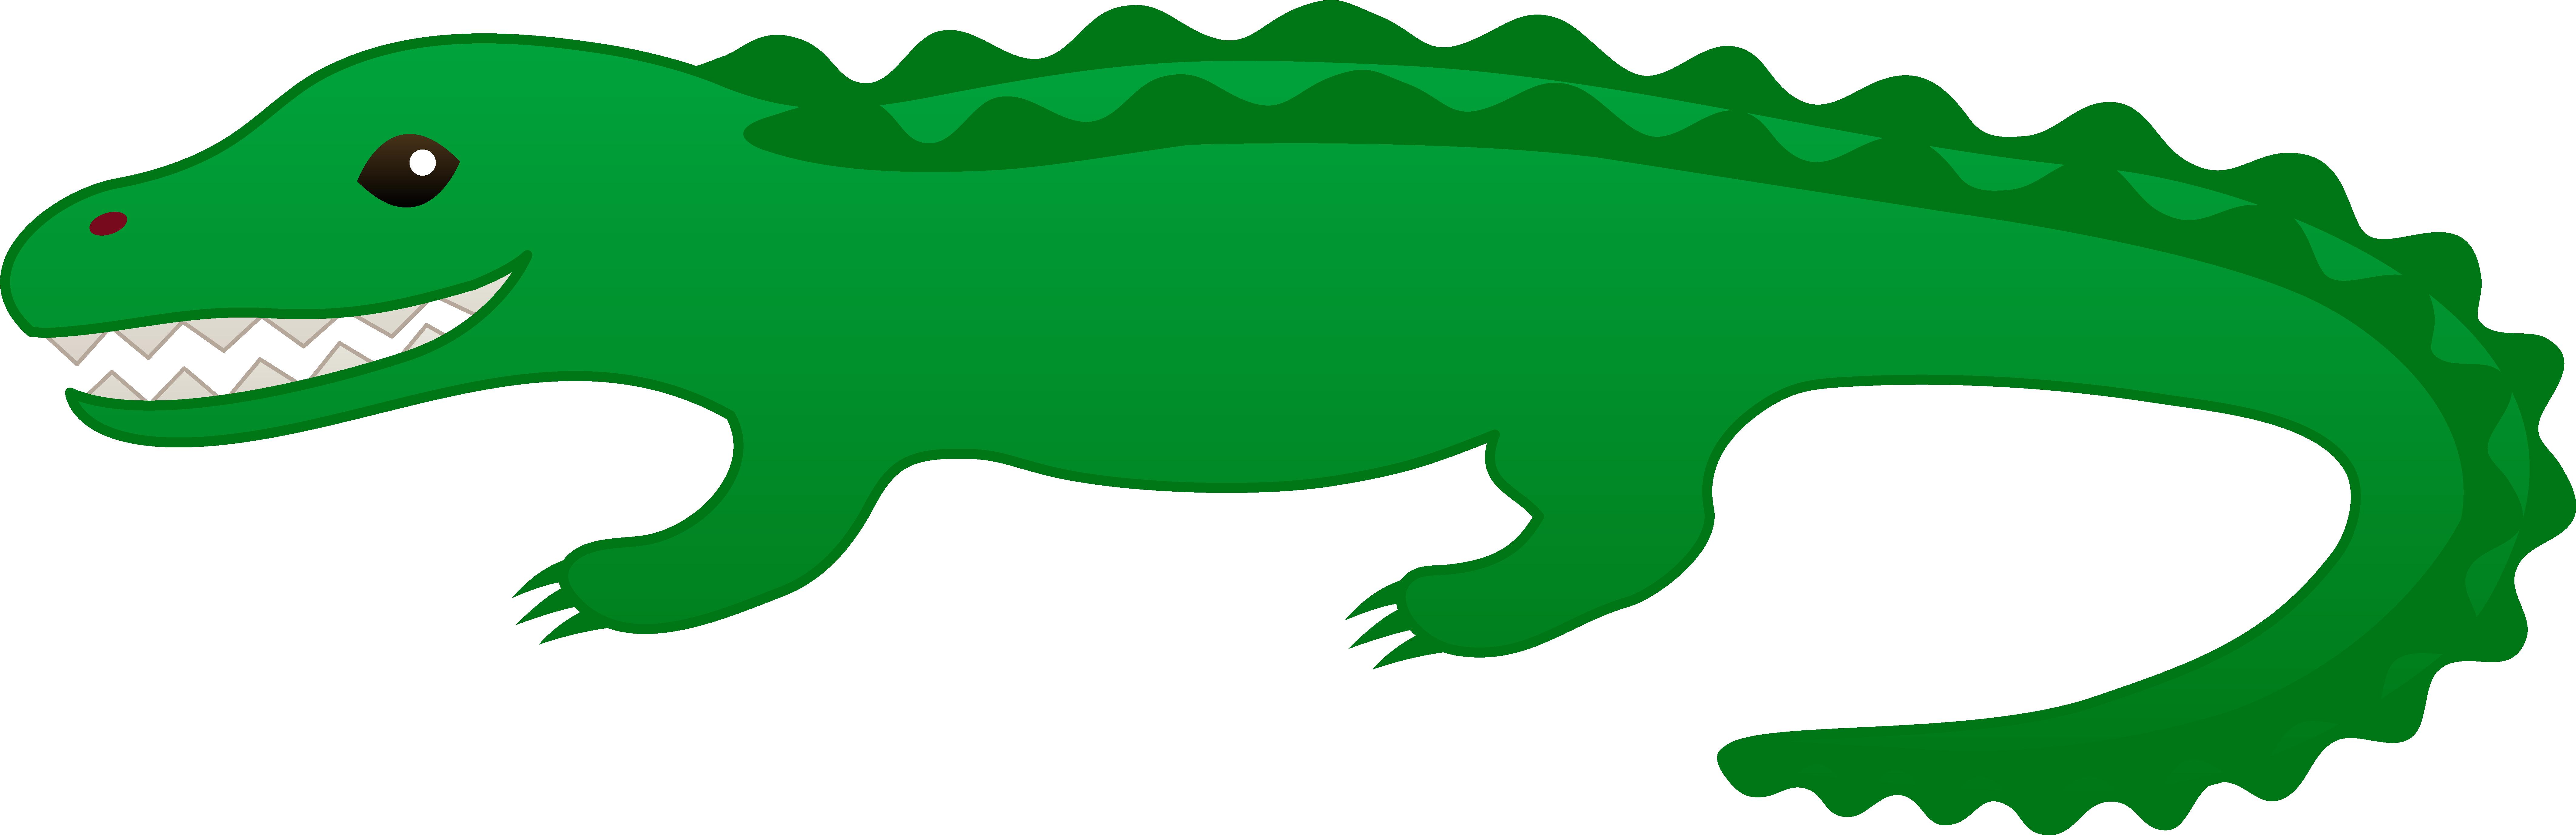 8491x2753 Cute Green Alligator Clip Art Free